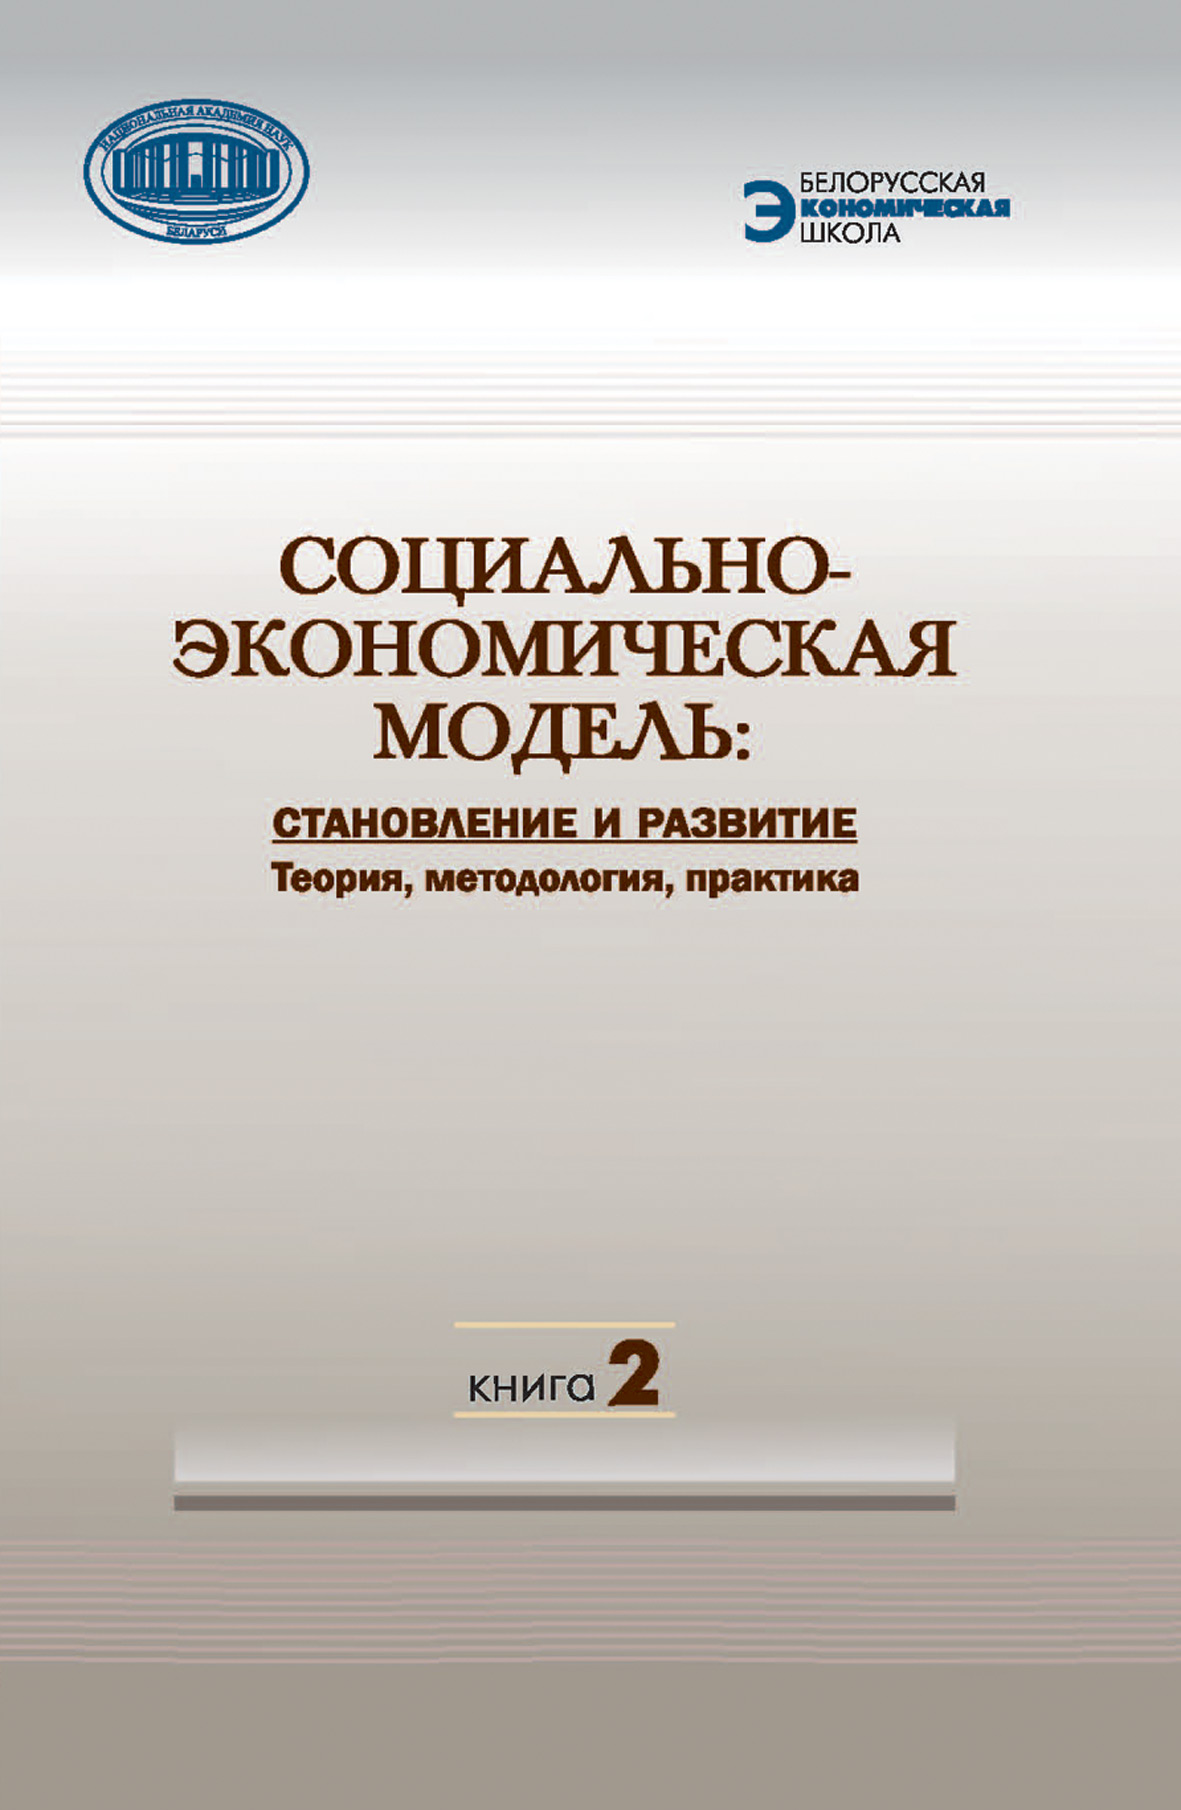 Коллектив авторов Социально-экономическая модель: становление и развитие. Теория, методология, практика. Книга 2